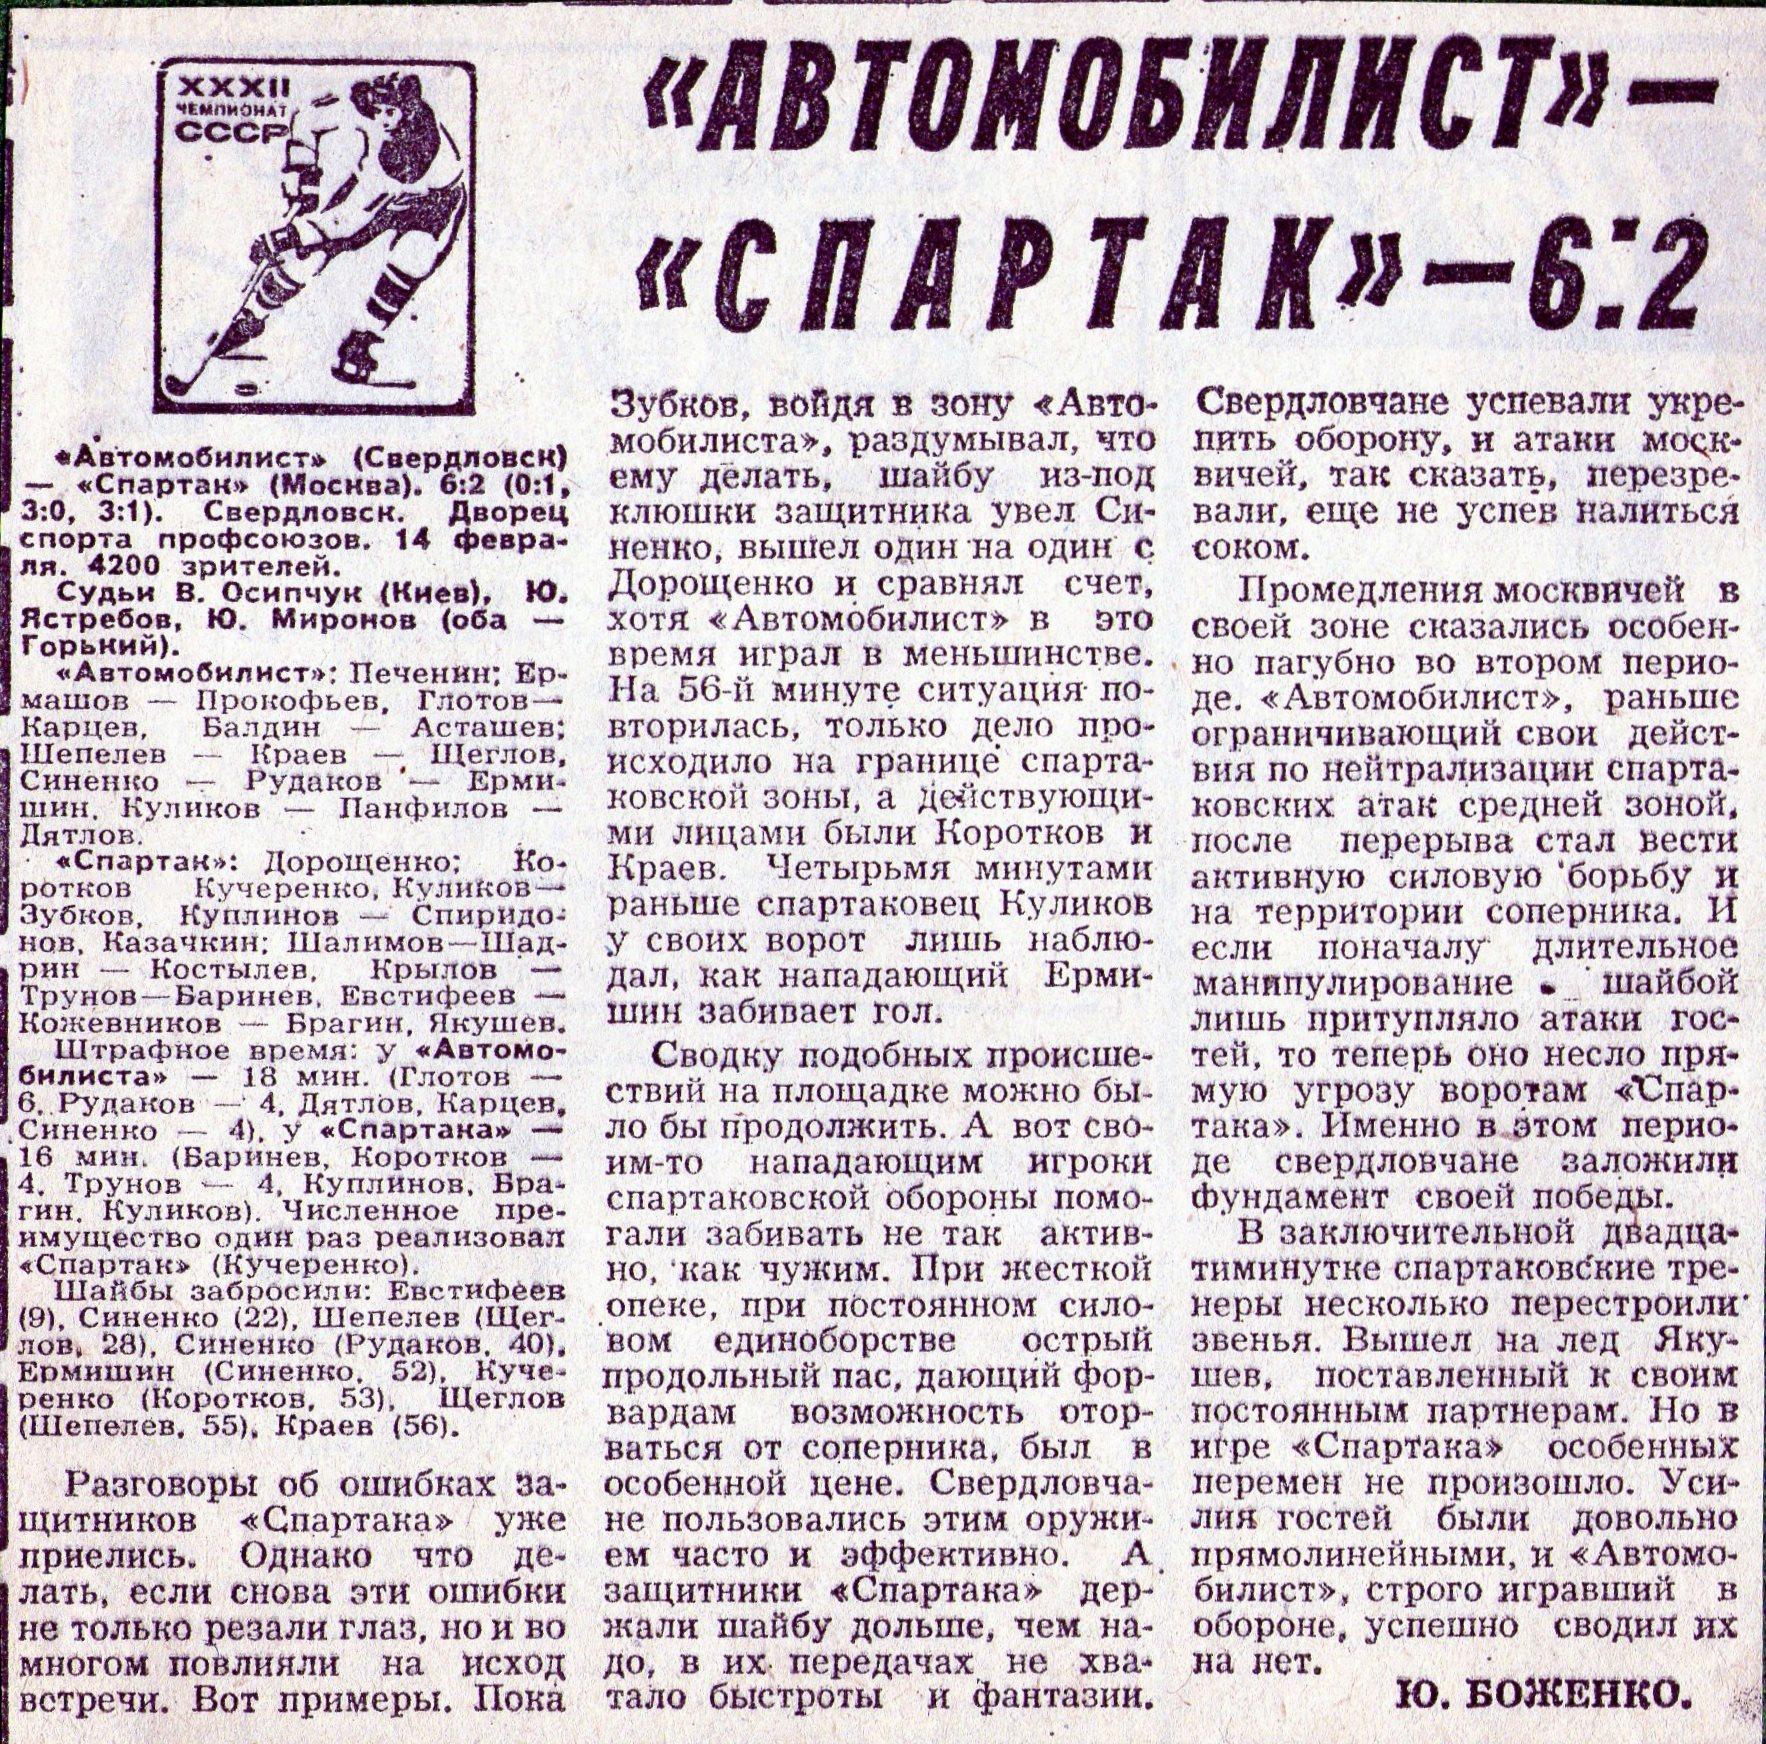 1978.02.14 Автомобилист Св. 6-2 Спартак.jpg